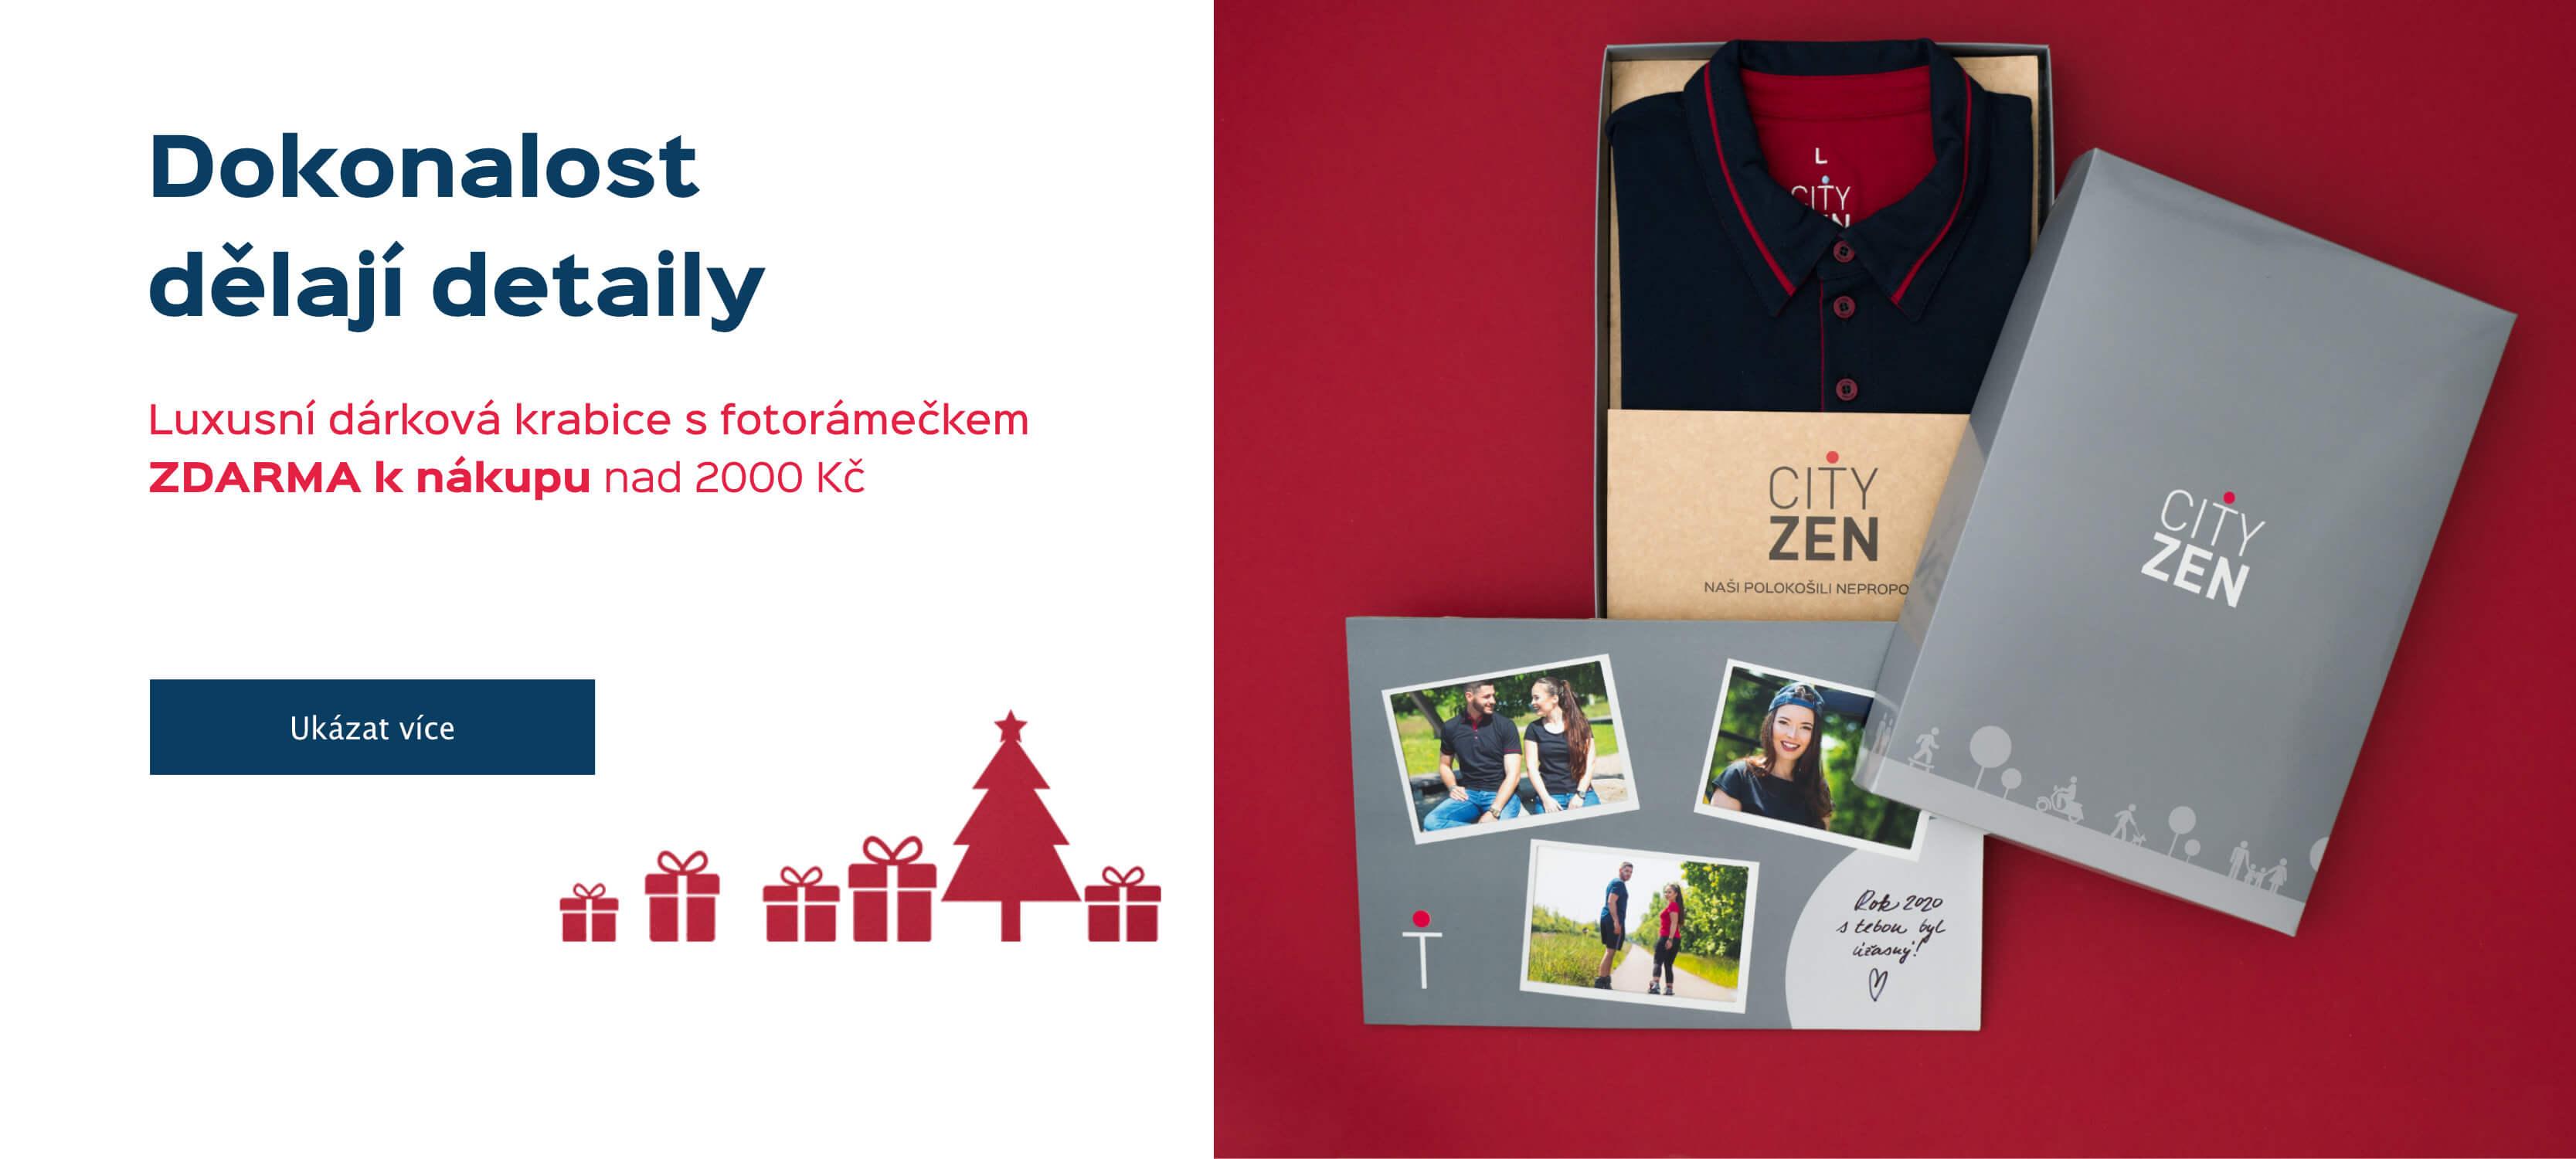 Luxusní dárková krabice CityZen s fotorámečkem